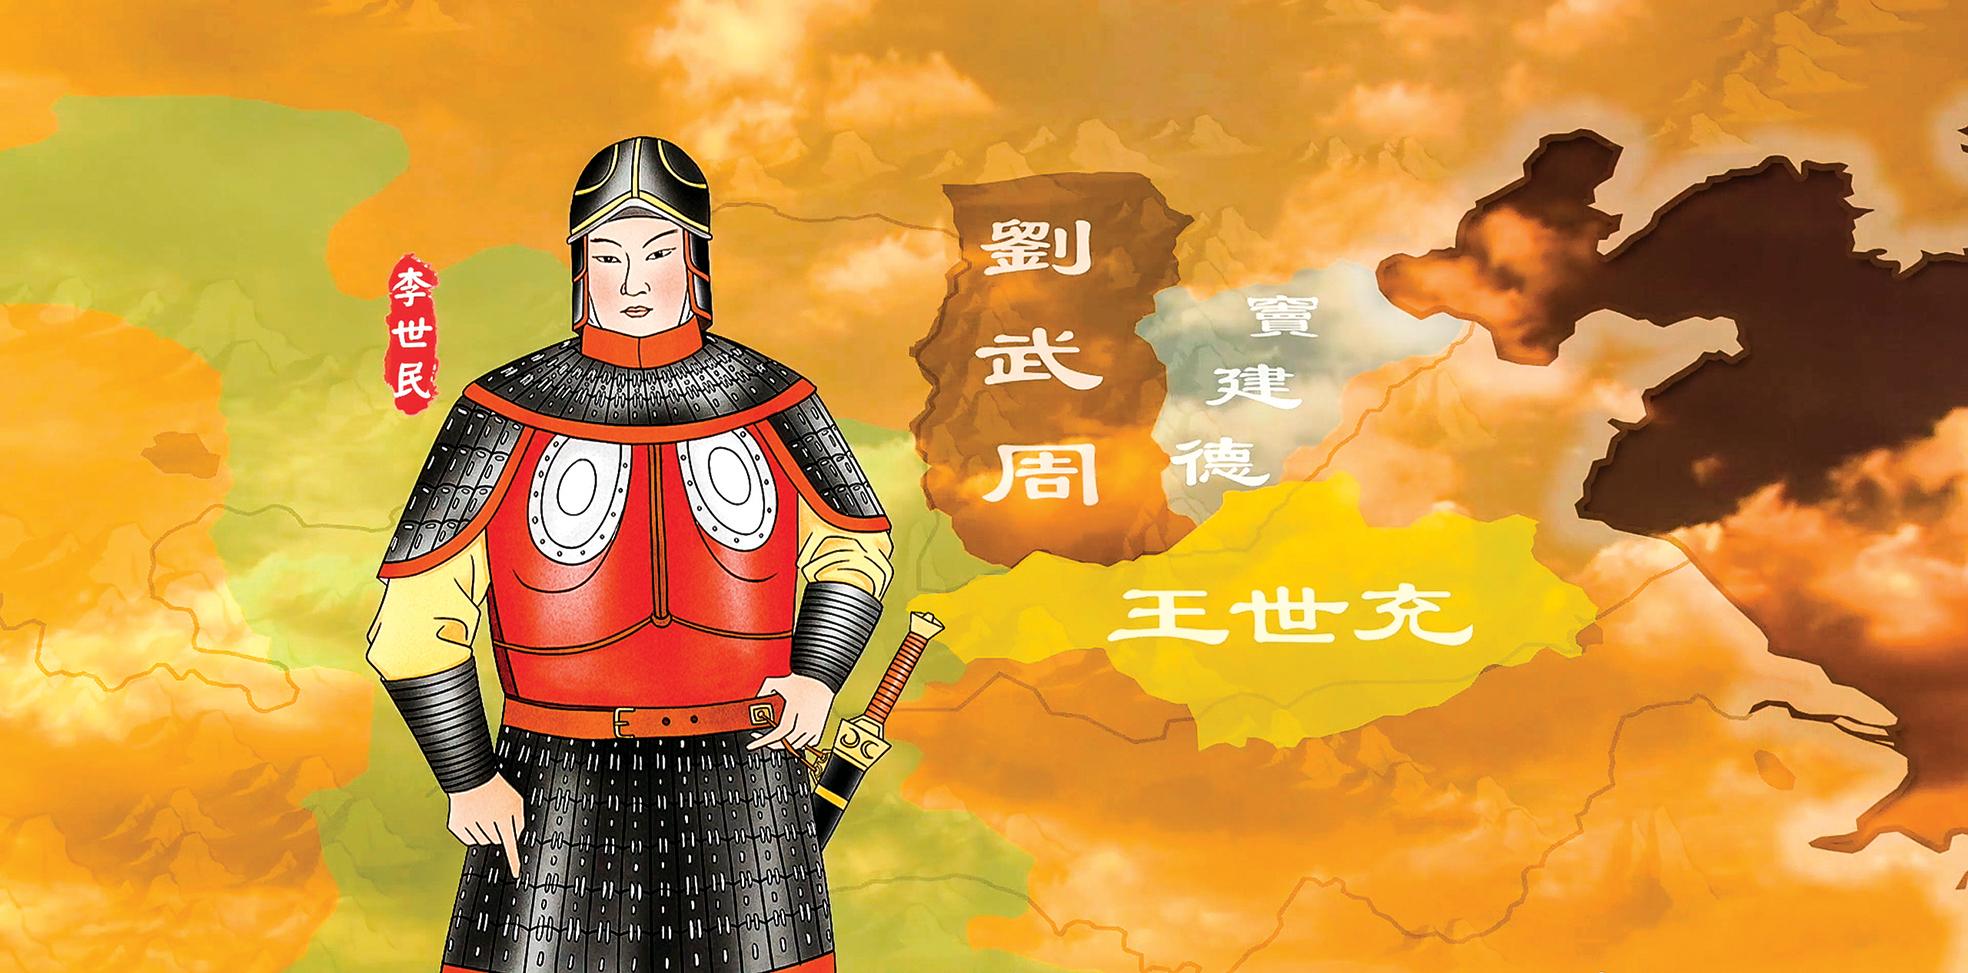 解決了西面的威脅後,李世民又擊敗了劉武周的勢力,大唐與竇建德和王世充兩股勢力的戰鬥即將開始。